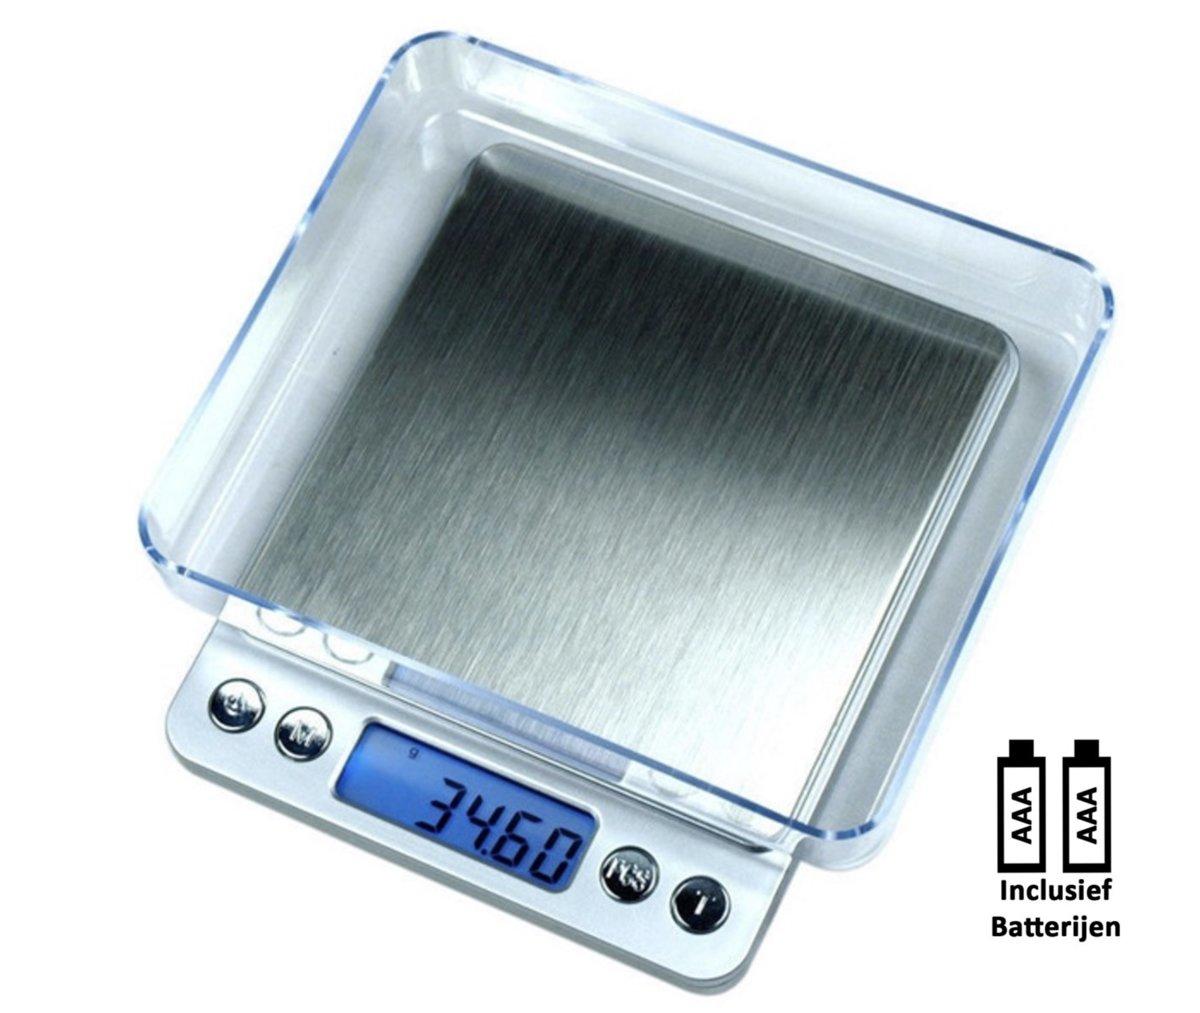 Profscale Precisie Digitale Weegschaal 0.01 Gram tot 500 Gram